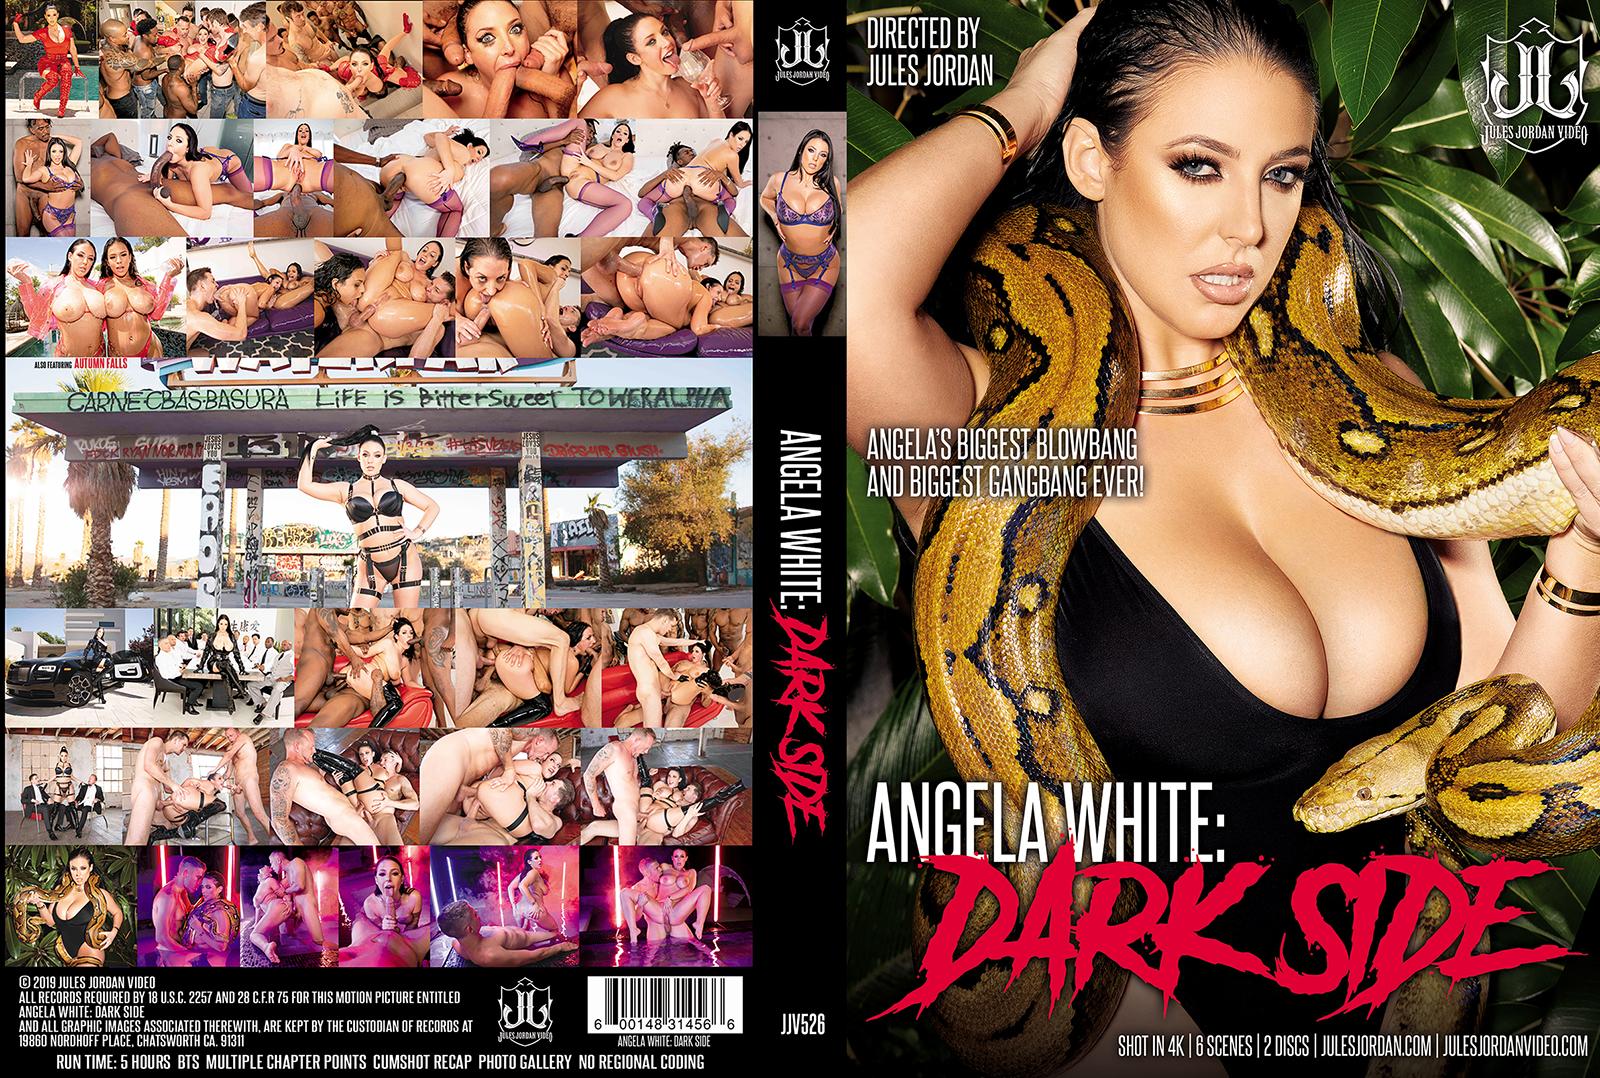 Angela White Dark Side DVD